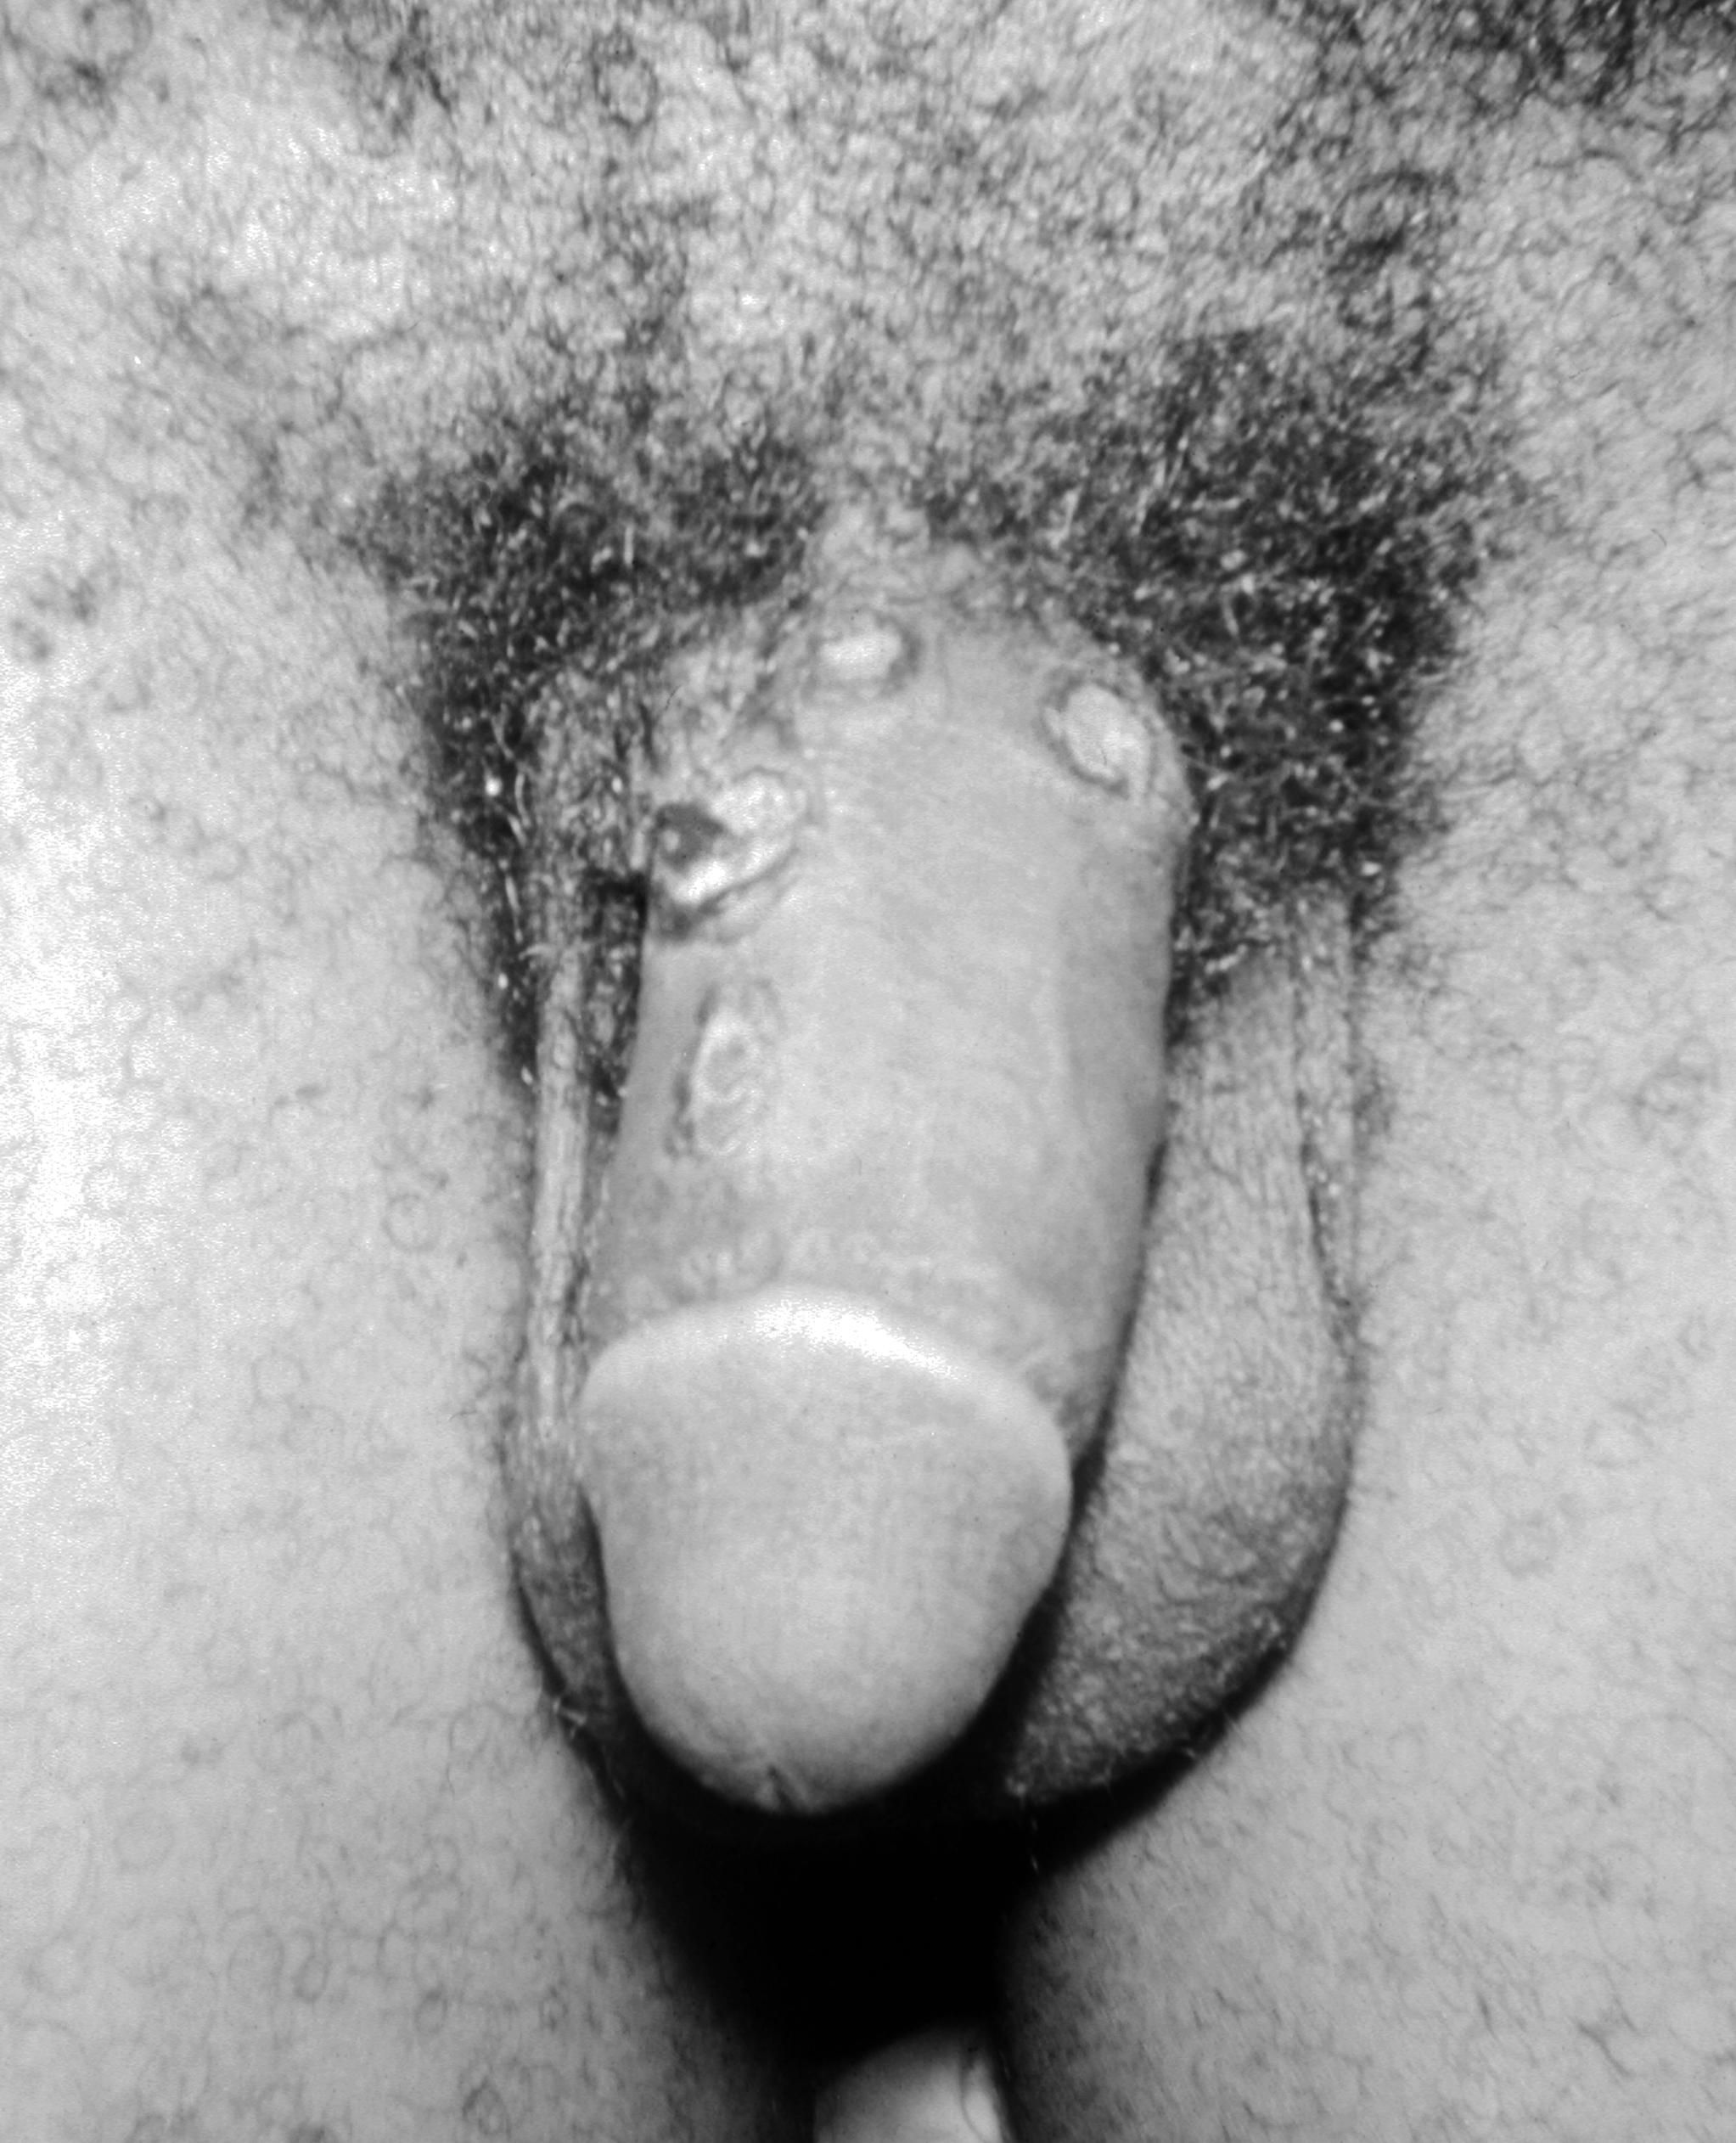 Фотографии с половыми органами женщин 6 фотография